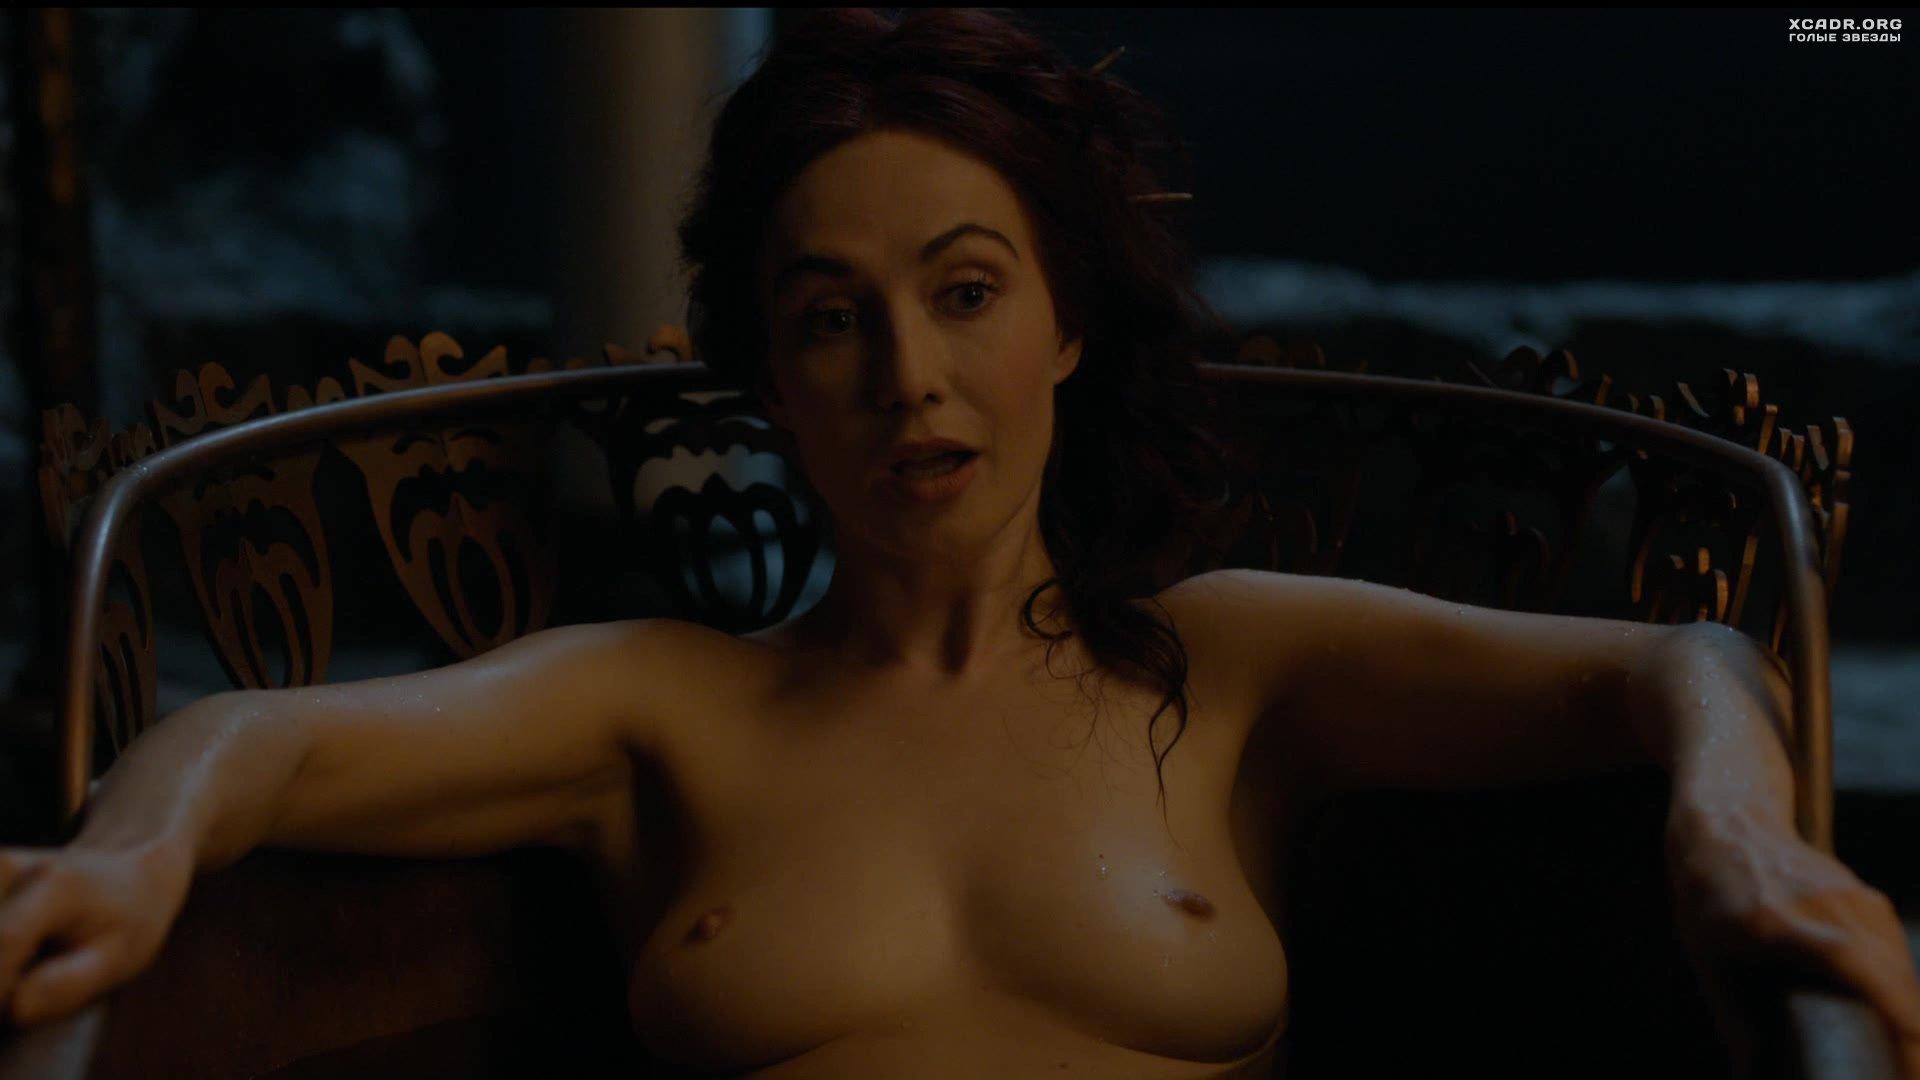 Смотреть эпизоды с голыми актрисами 27 фотография